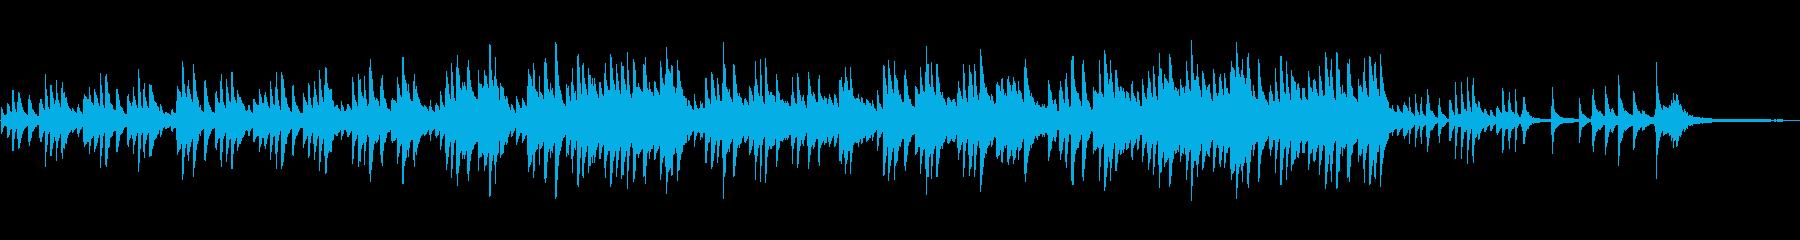 癒し系ソロピアノ定番あるある哀愁メロディの再生済みの波形